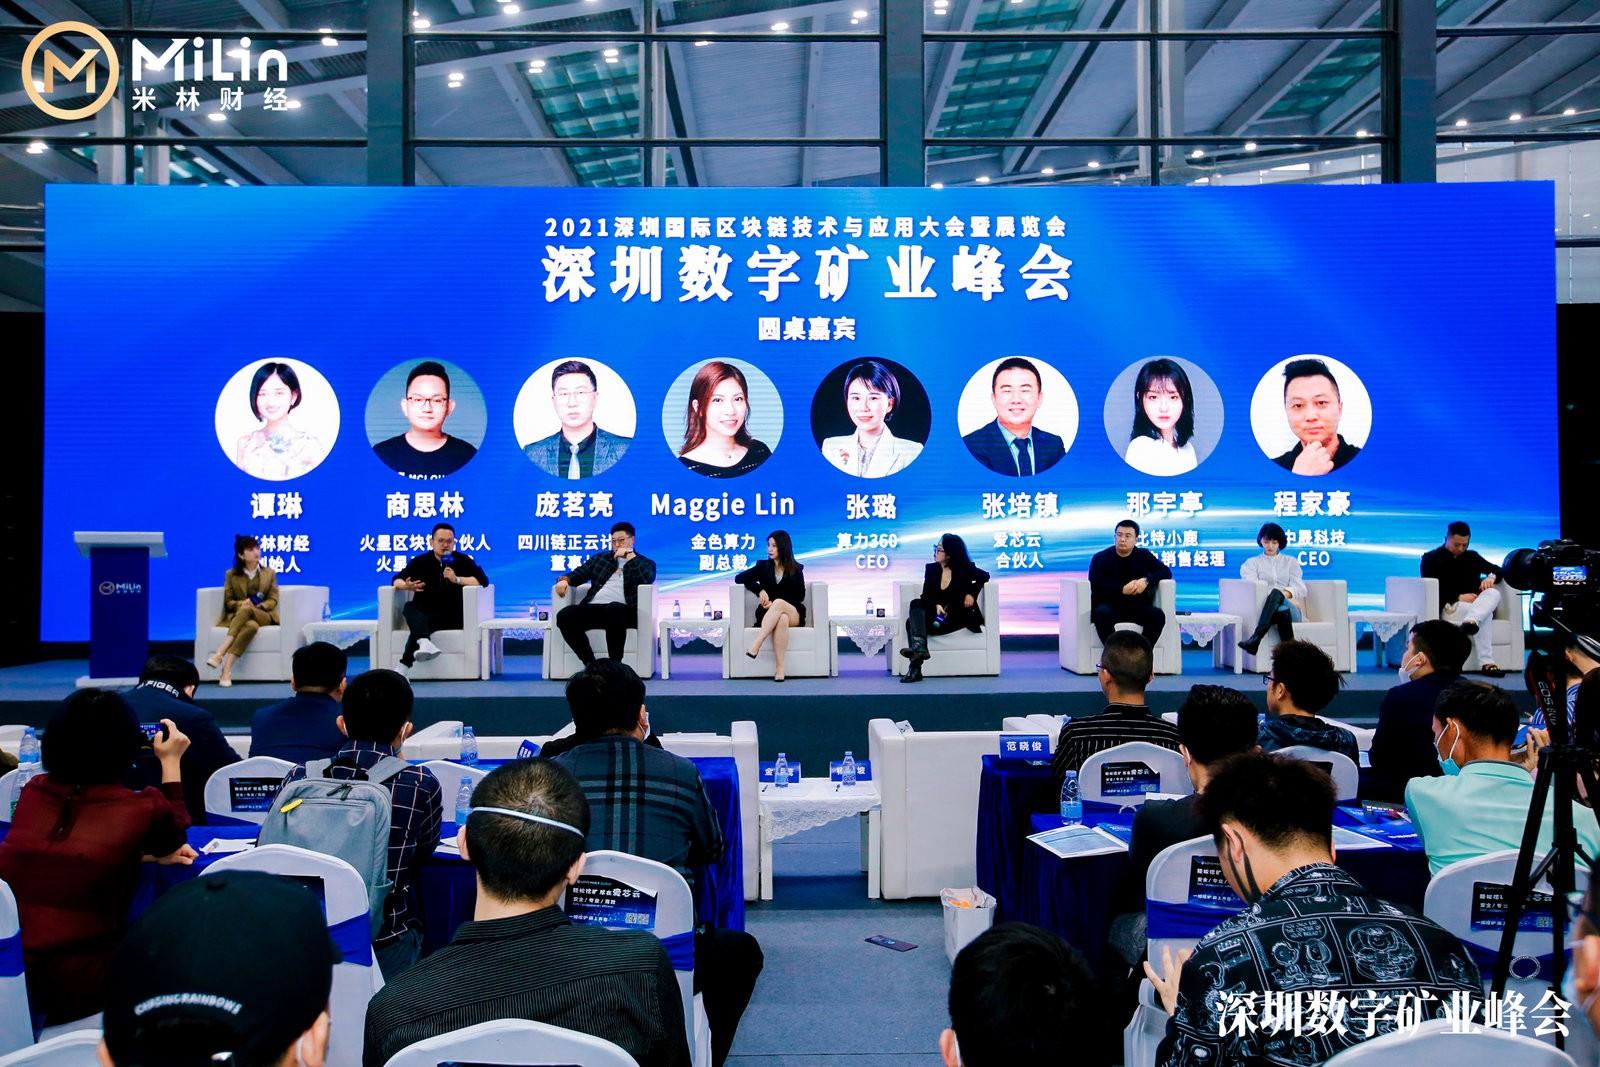 2021深圳数字矿业圆桌论坛:算力新时代